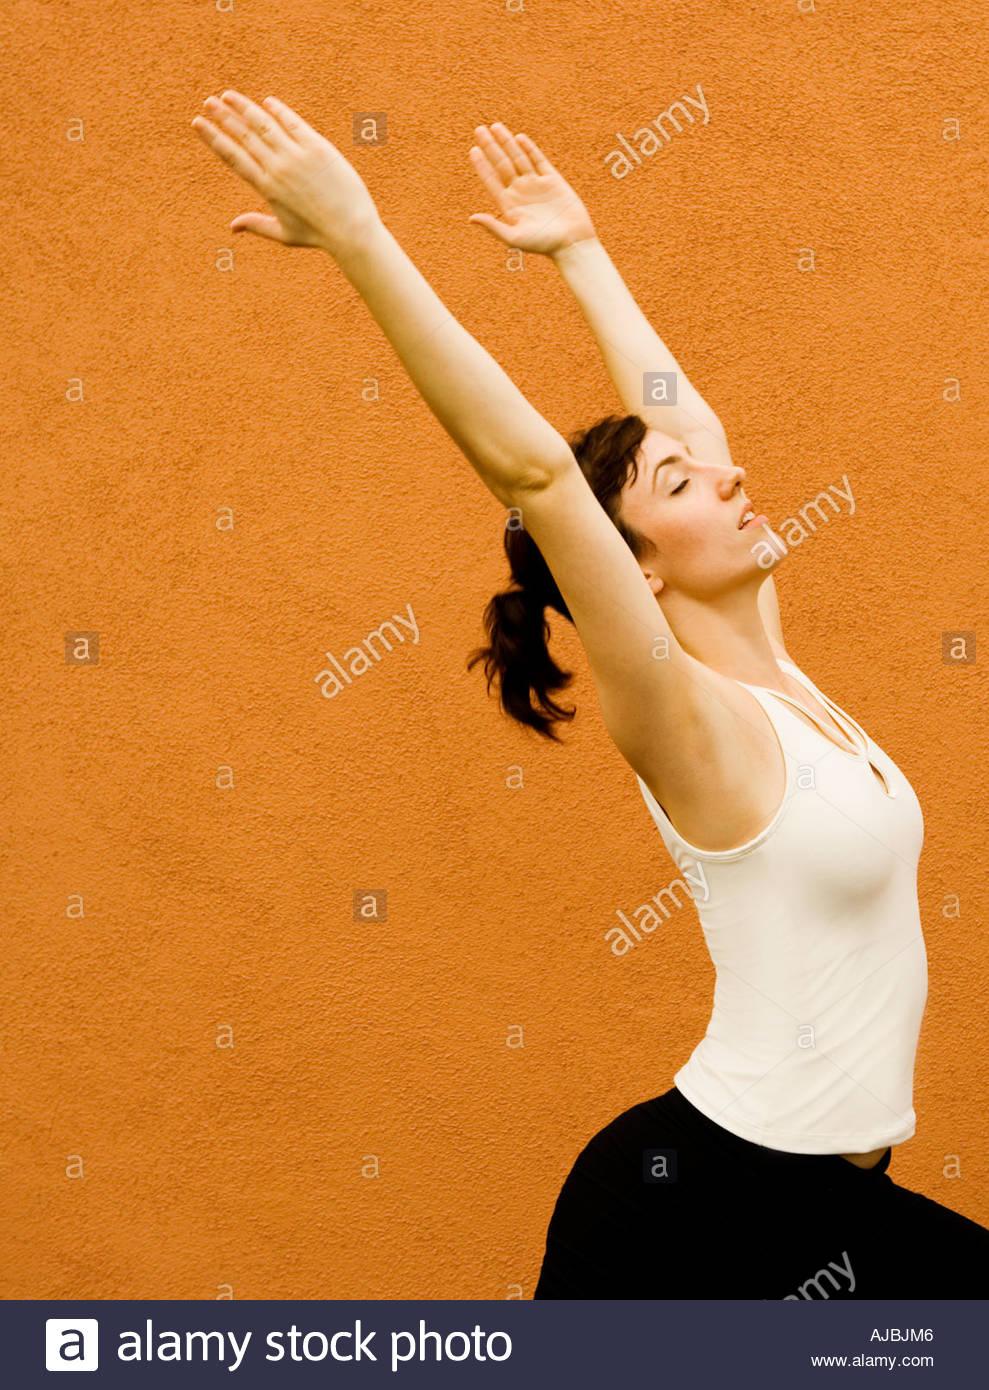 Femme adulte en Yoga comme étirer posent avec force la beauté de l'équilibre et la grâce en avant du mur de couleur terre cuite Photo Stock